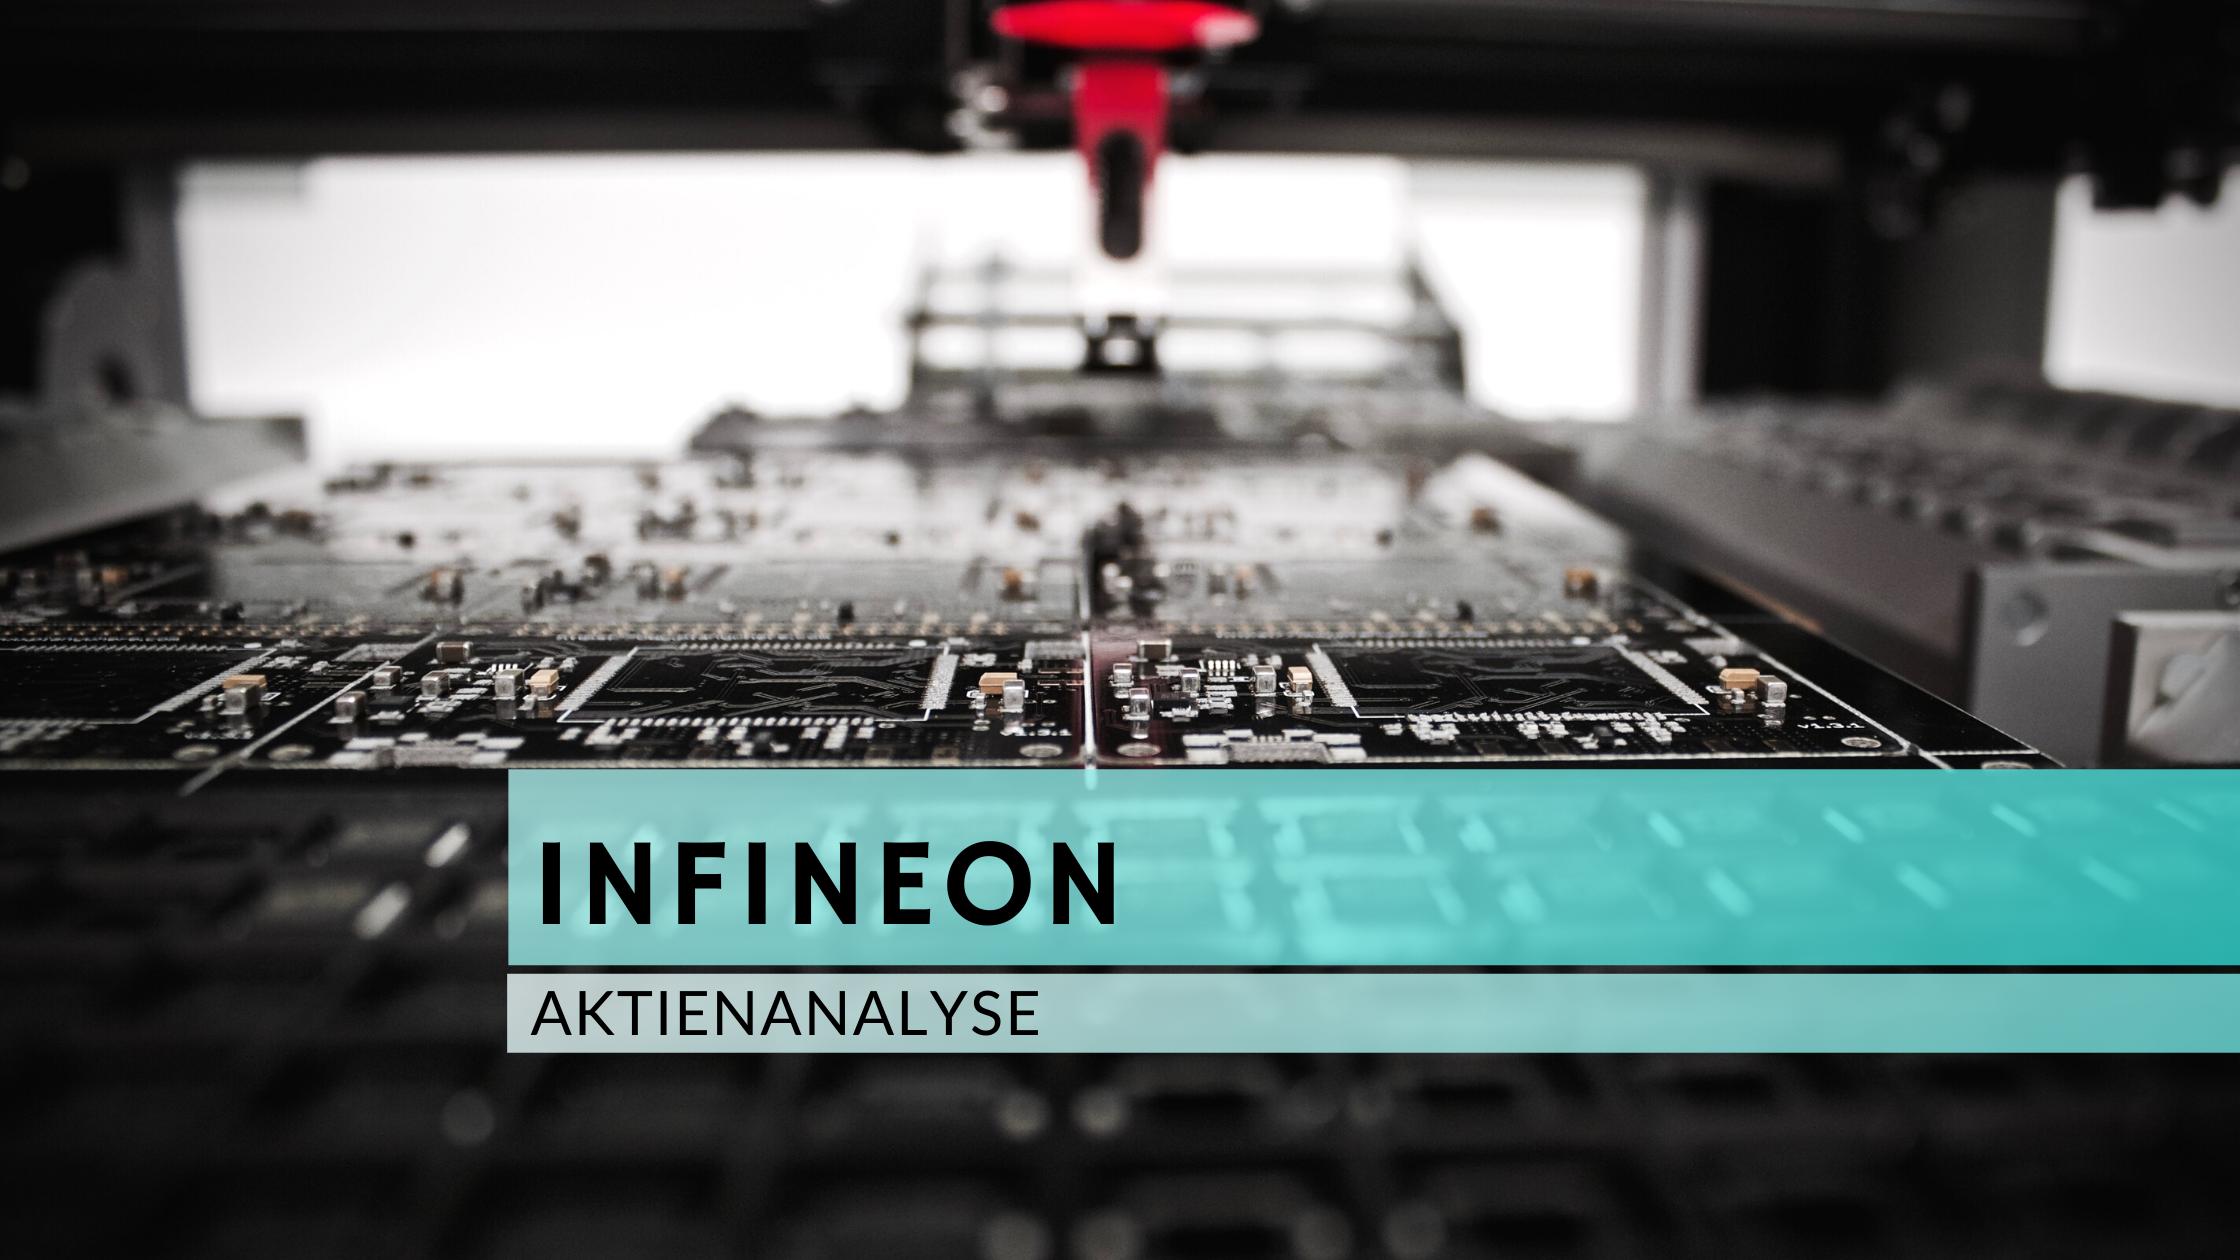 Infineon Aktienanalyse